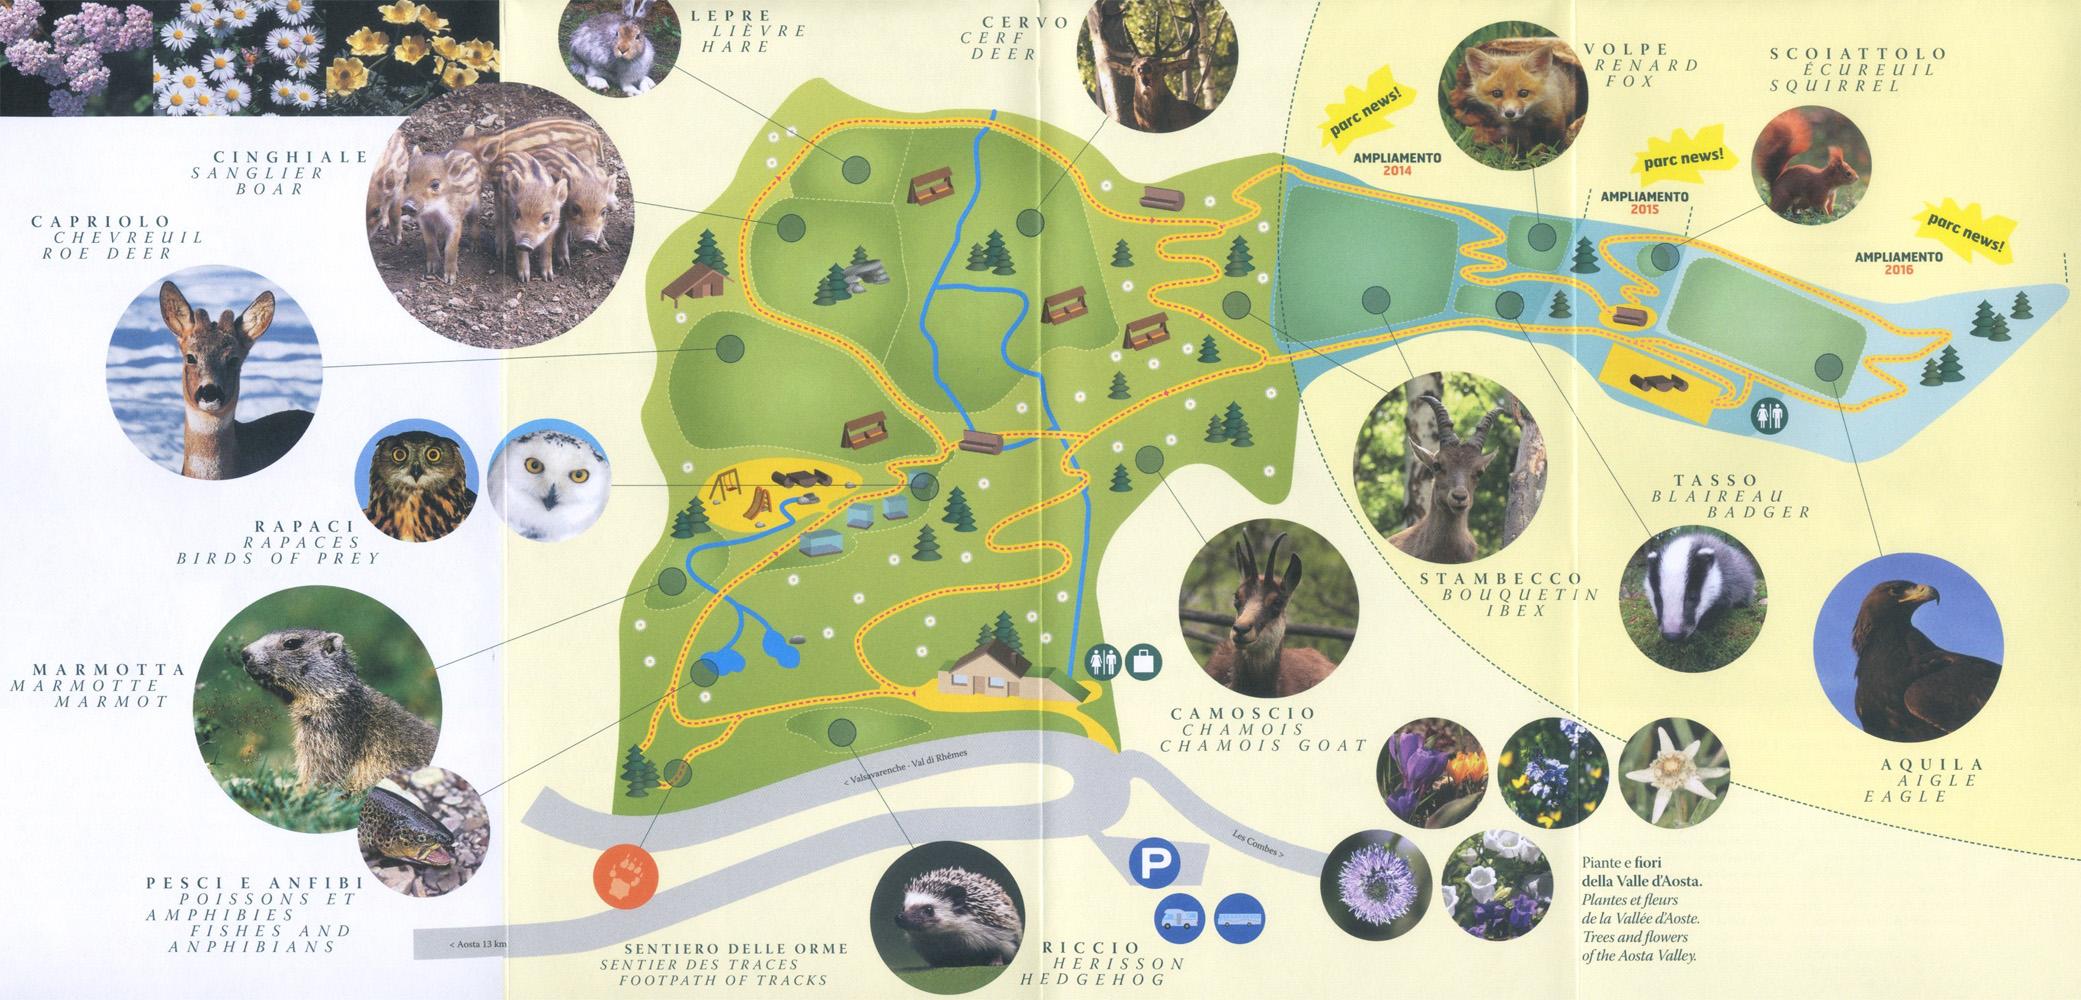 Les zoos dans le monde parc animalier d 39 introd for Parc animalier dans les yvelines